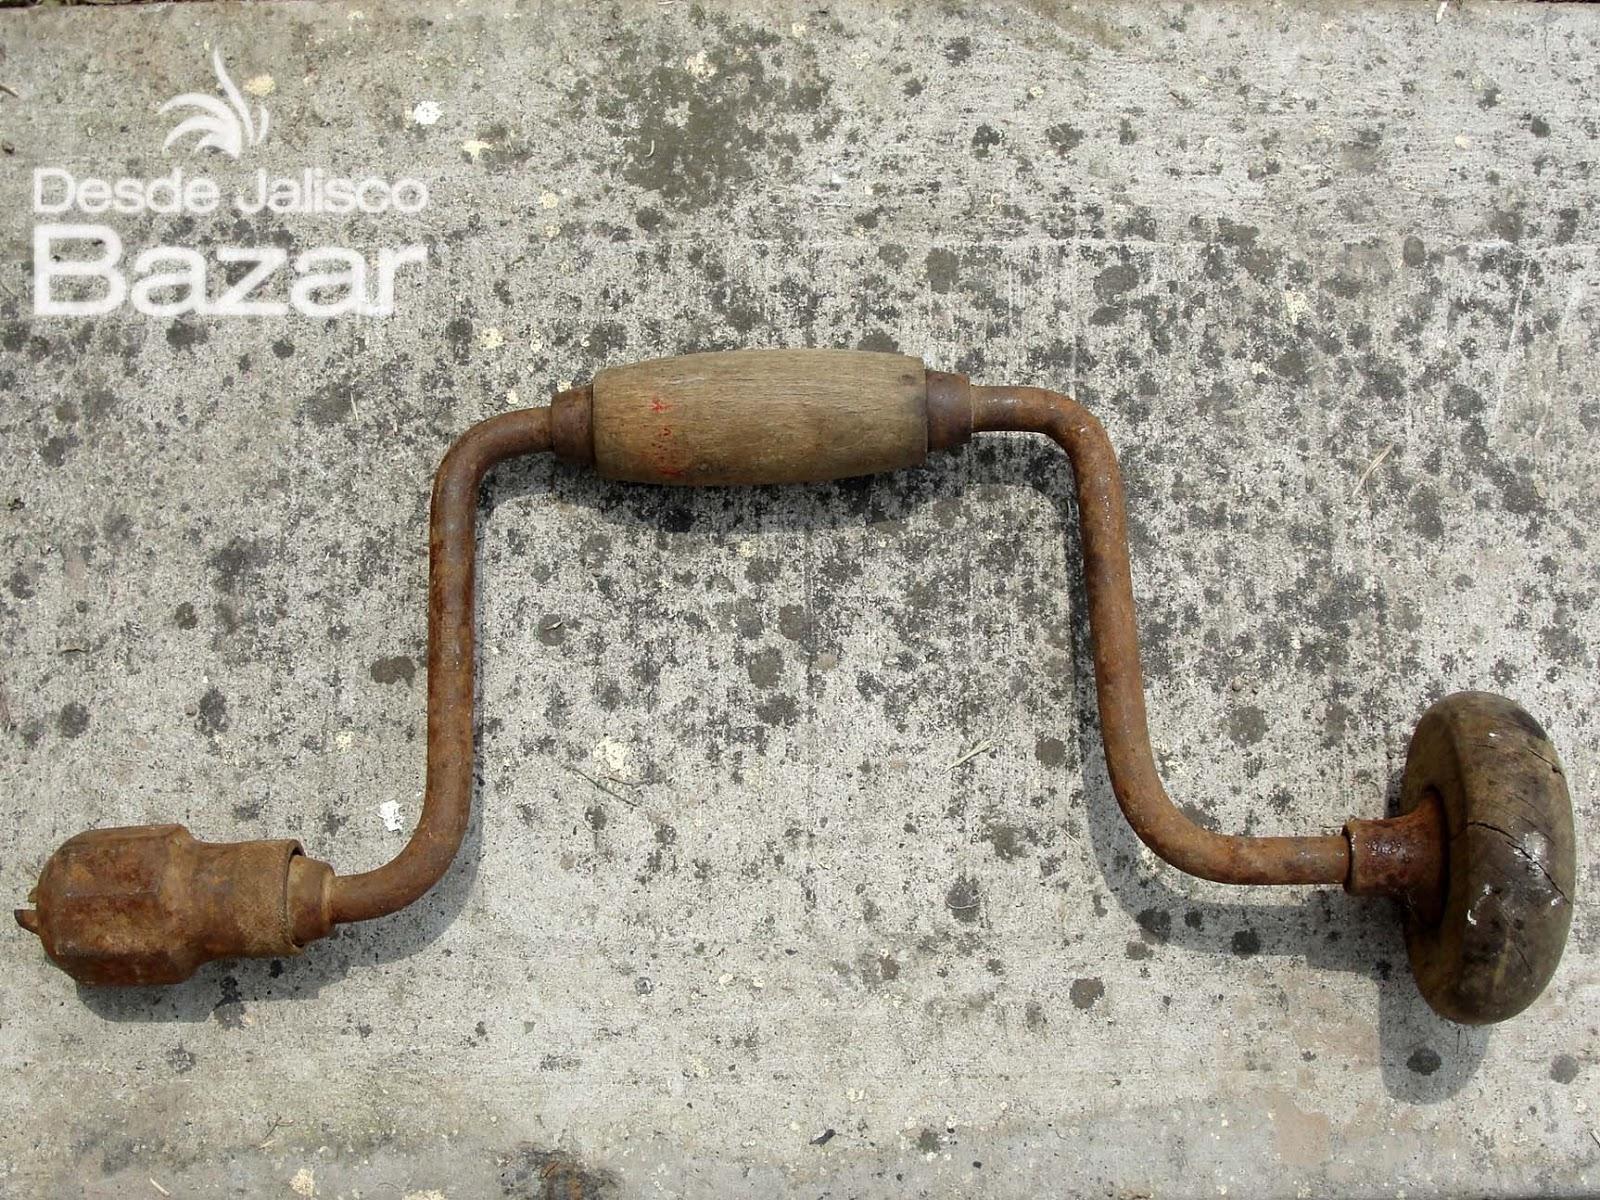 Desde jalisco bazar herramientas antiguas el taladro - Herramientas de campo antiguas ...